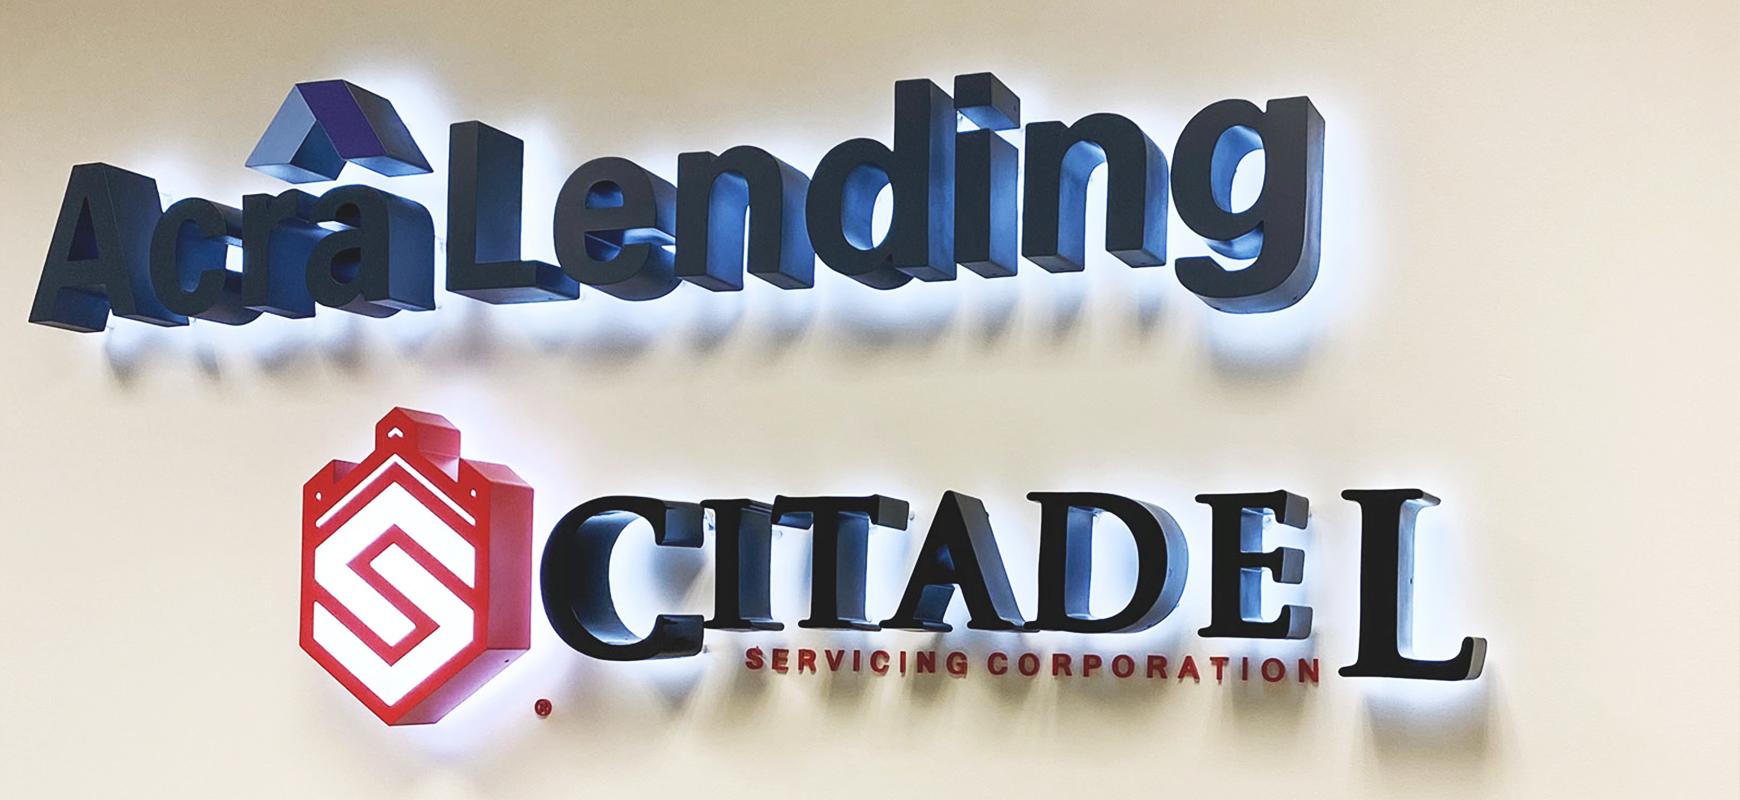 Acra Lending backlit channel letters made of aluminum for office branding